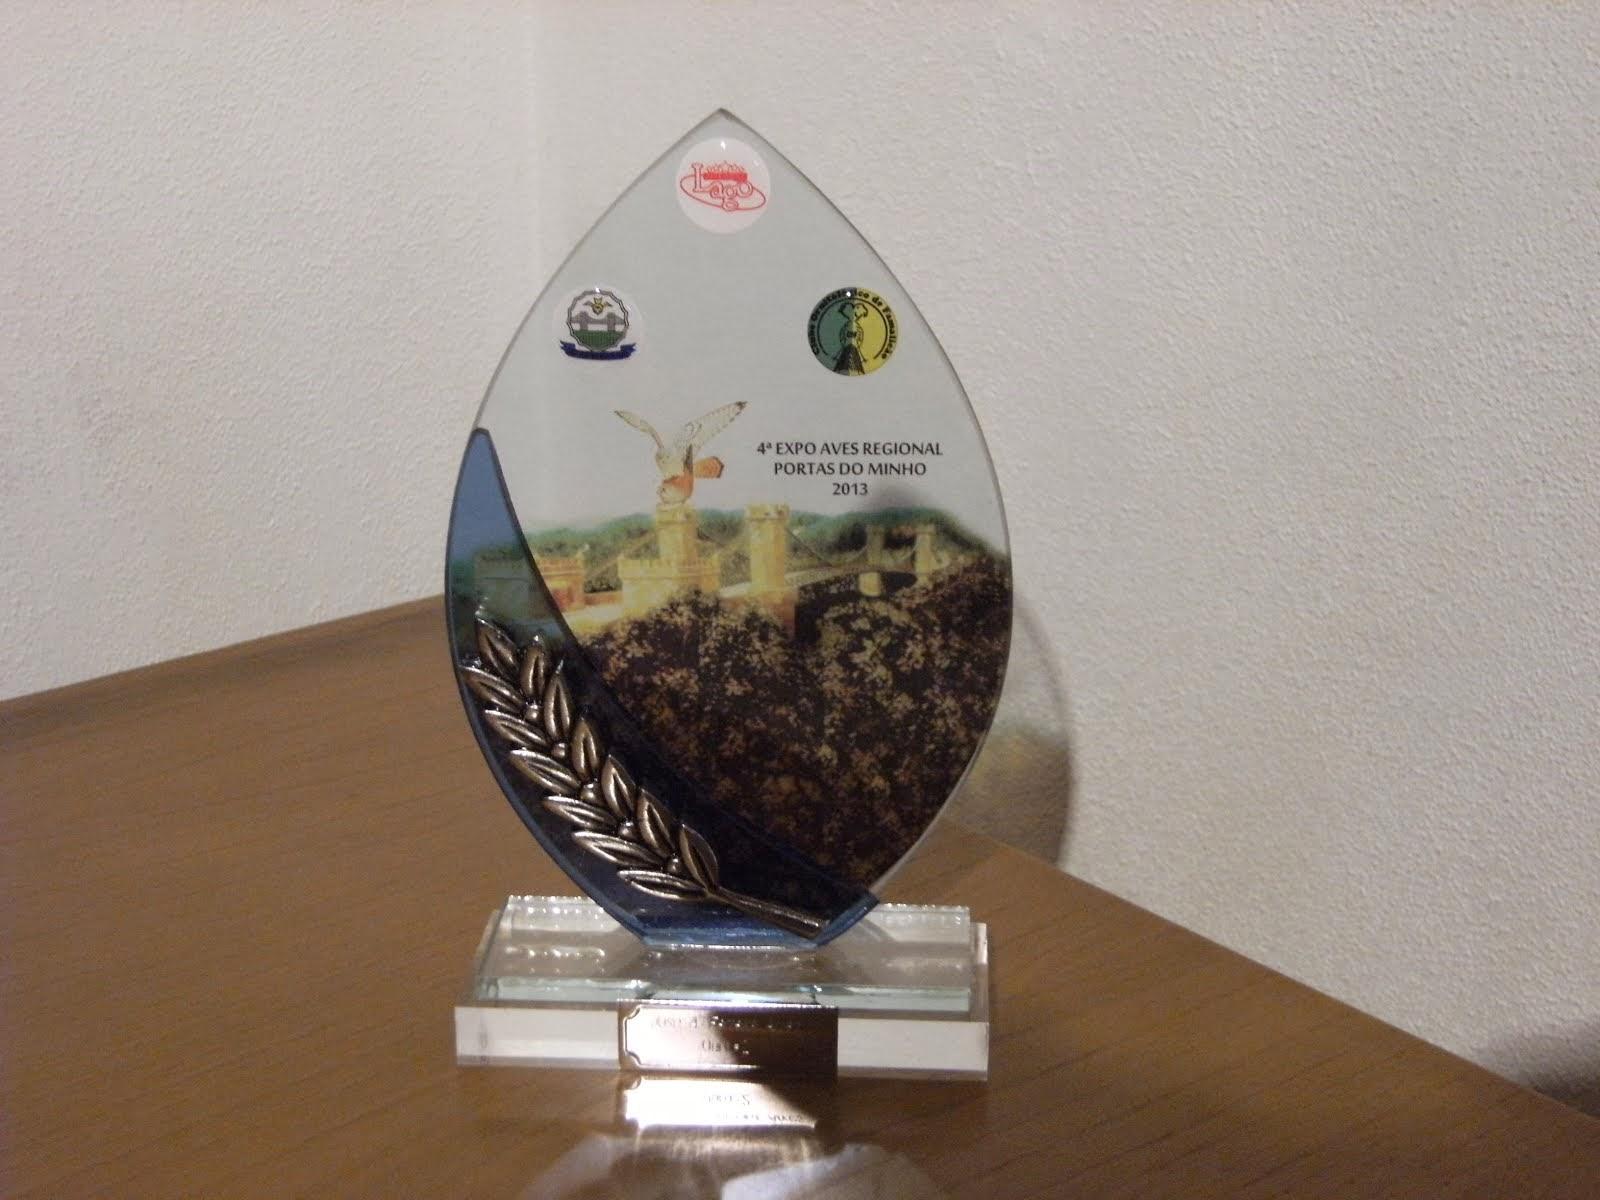 4 Expo Aves Regional do Minho ( 2 Ouro )